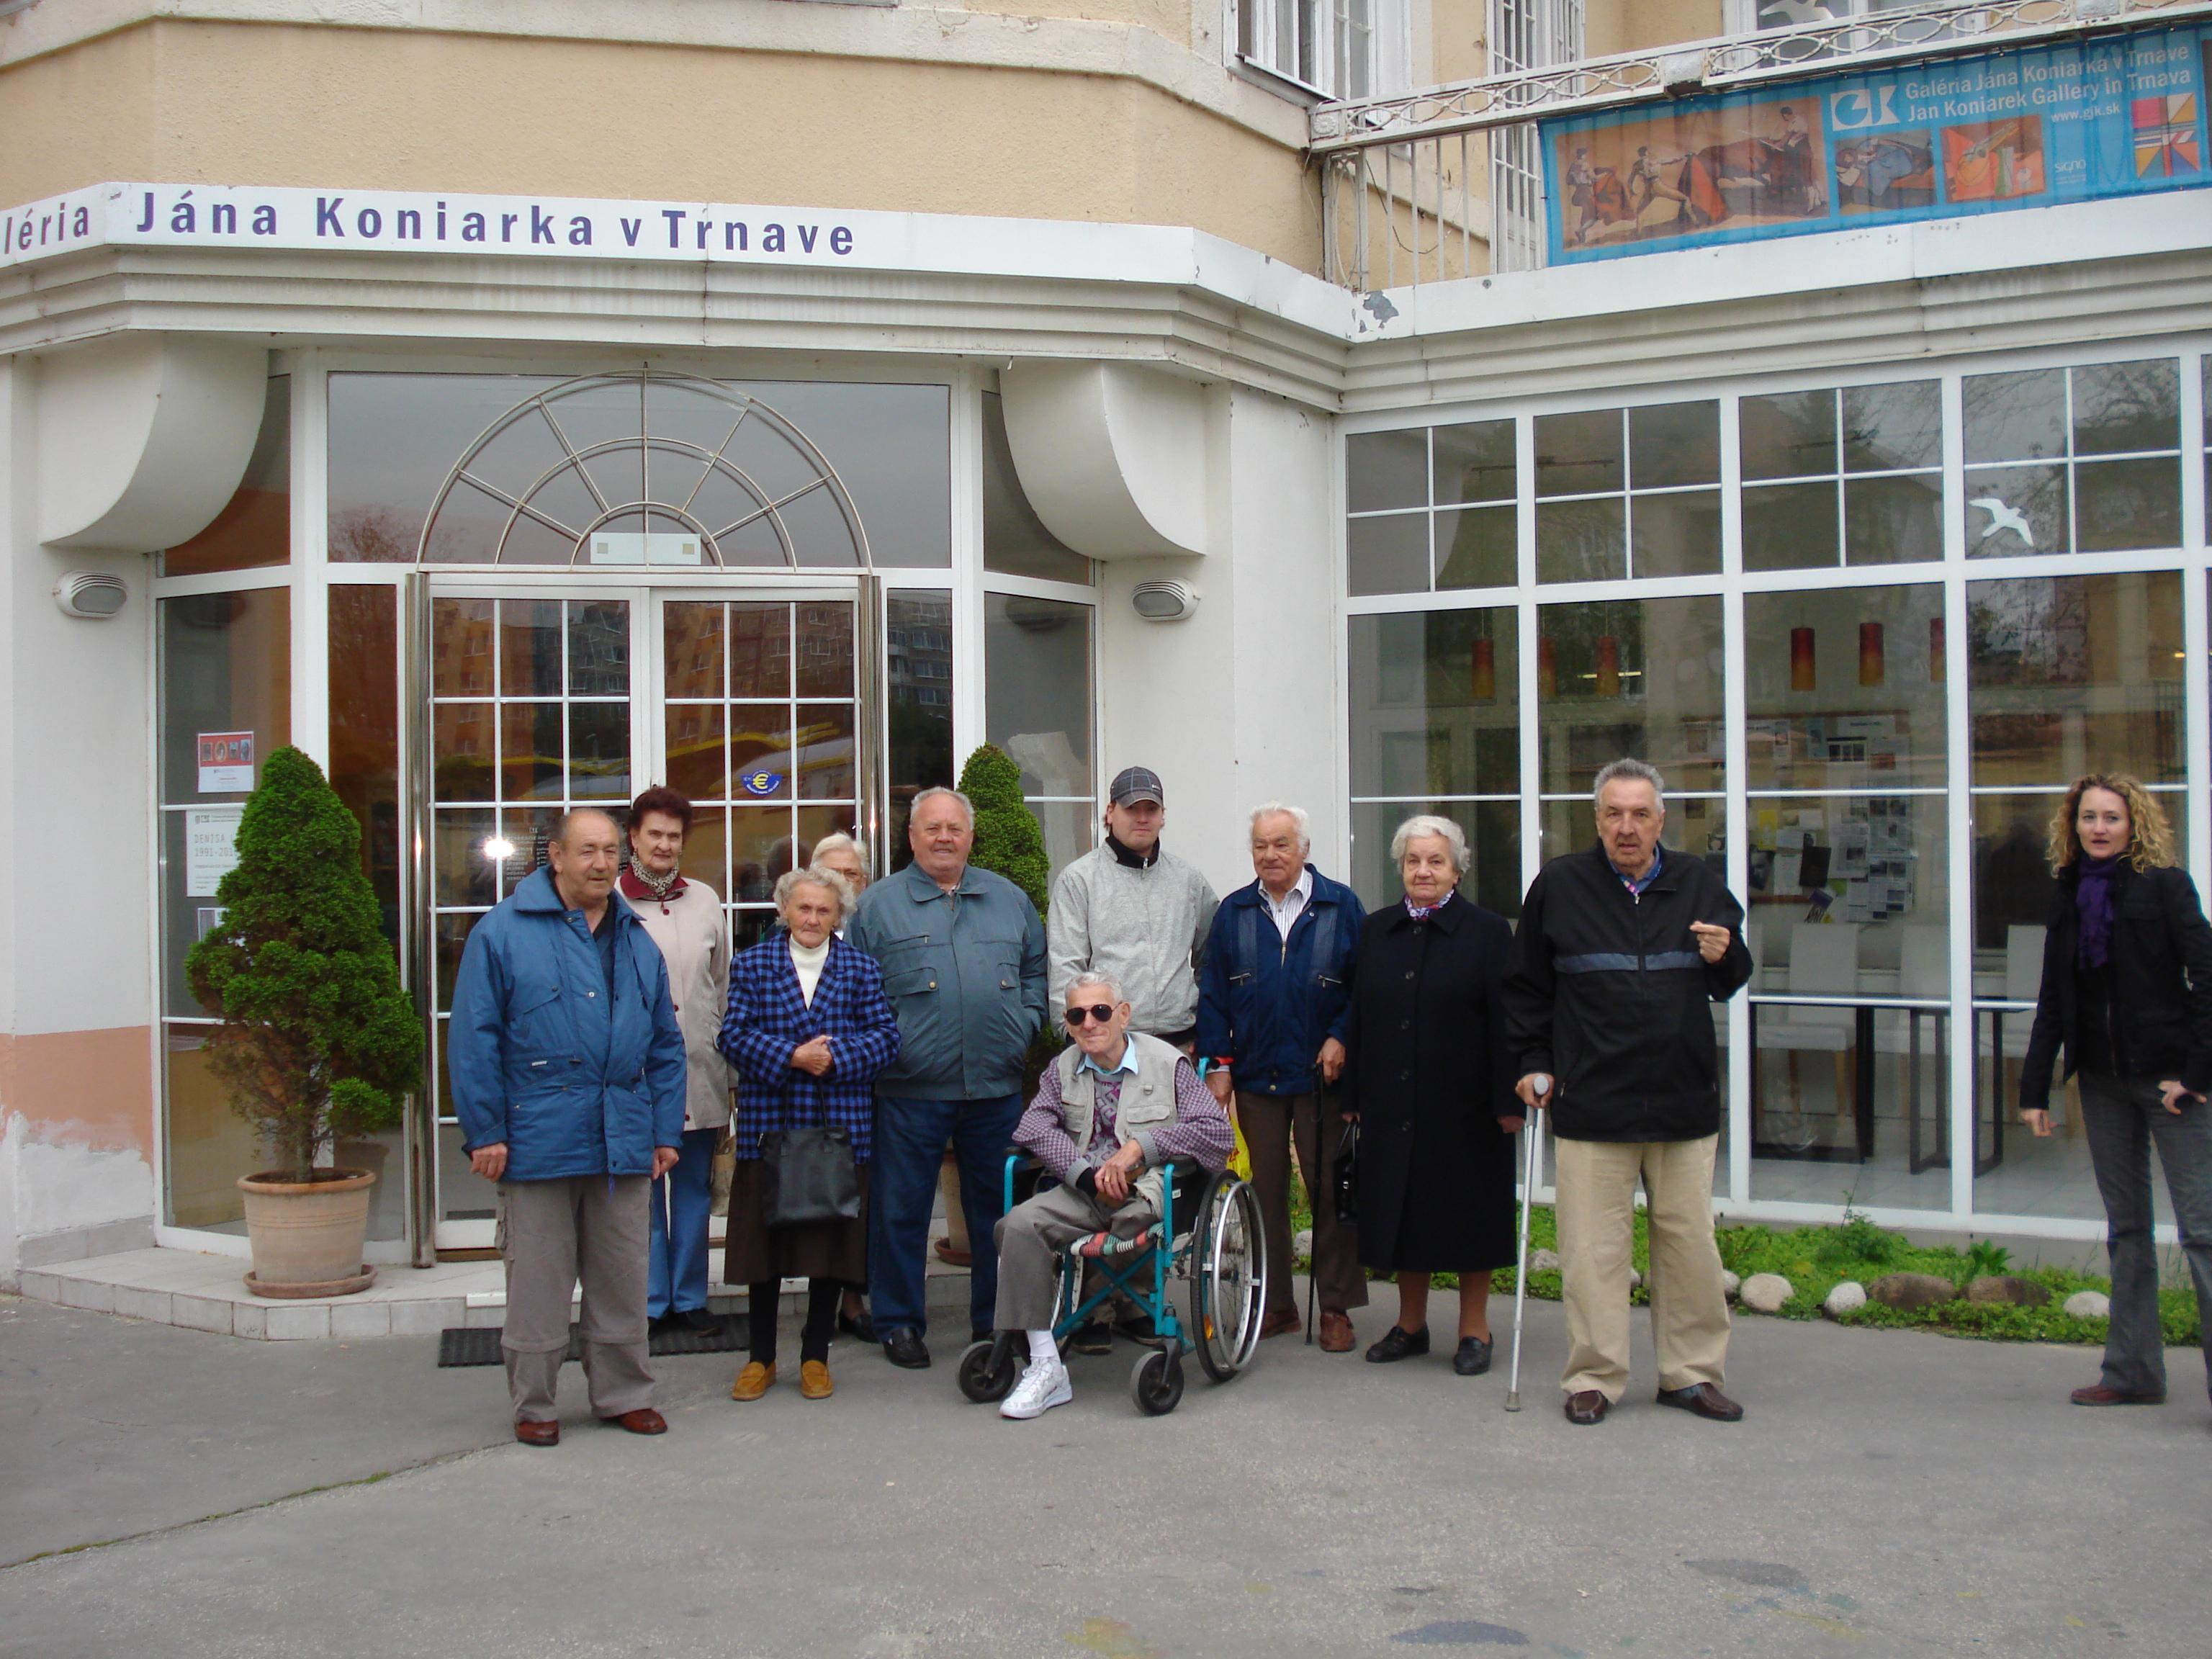 Návšteva galérie J. Koniarka v Trnave 2010